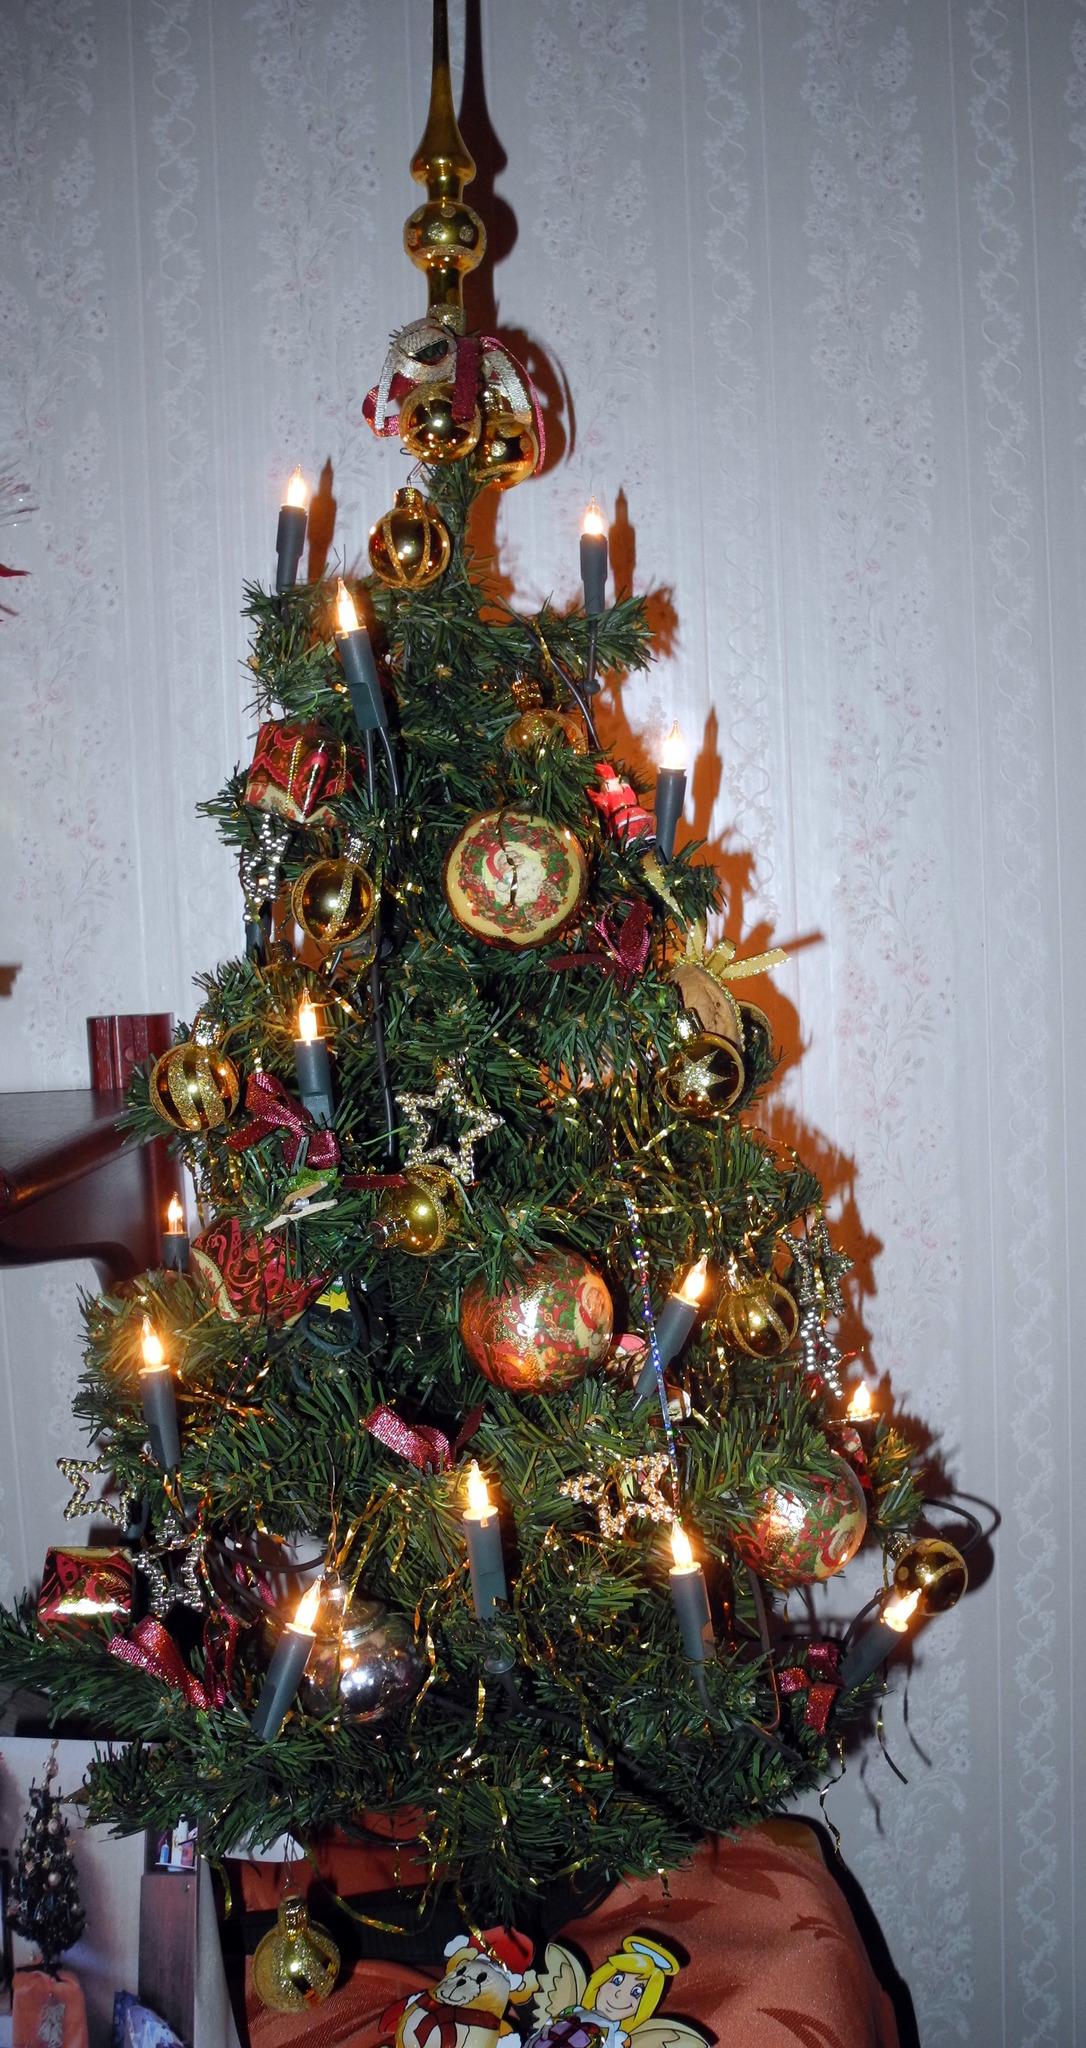 Der Weihnachtsbaum.Der Weihnachtsbaum Favoriten